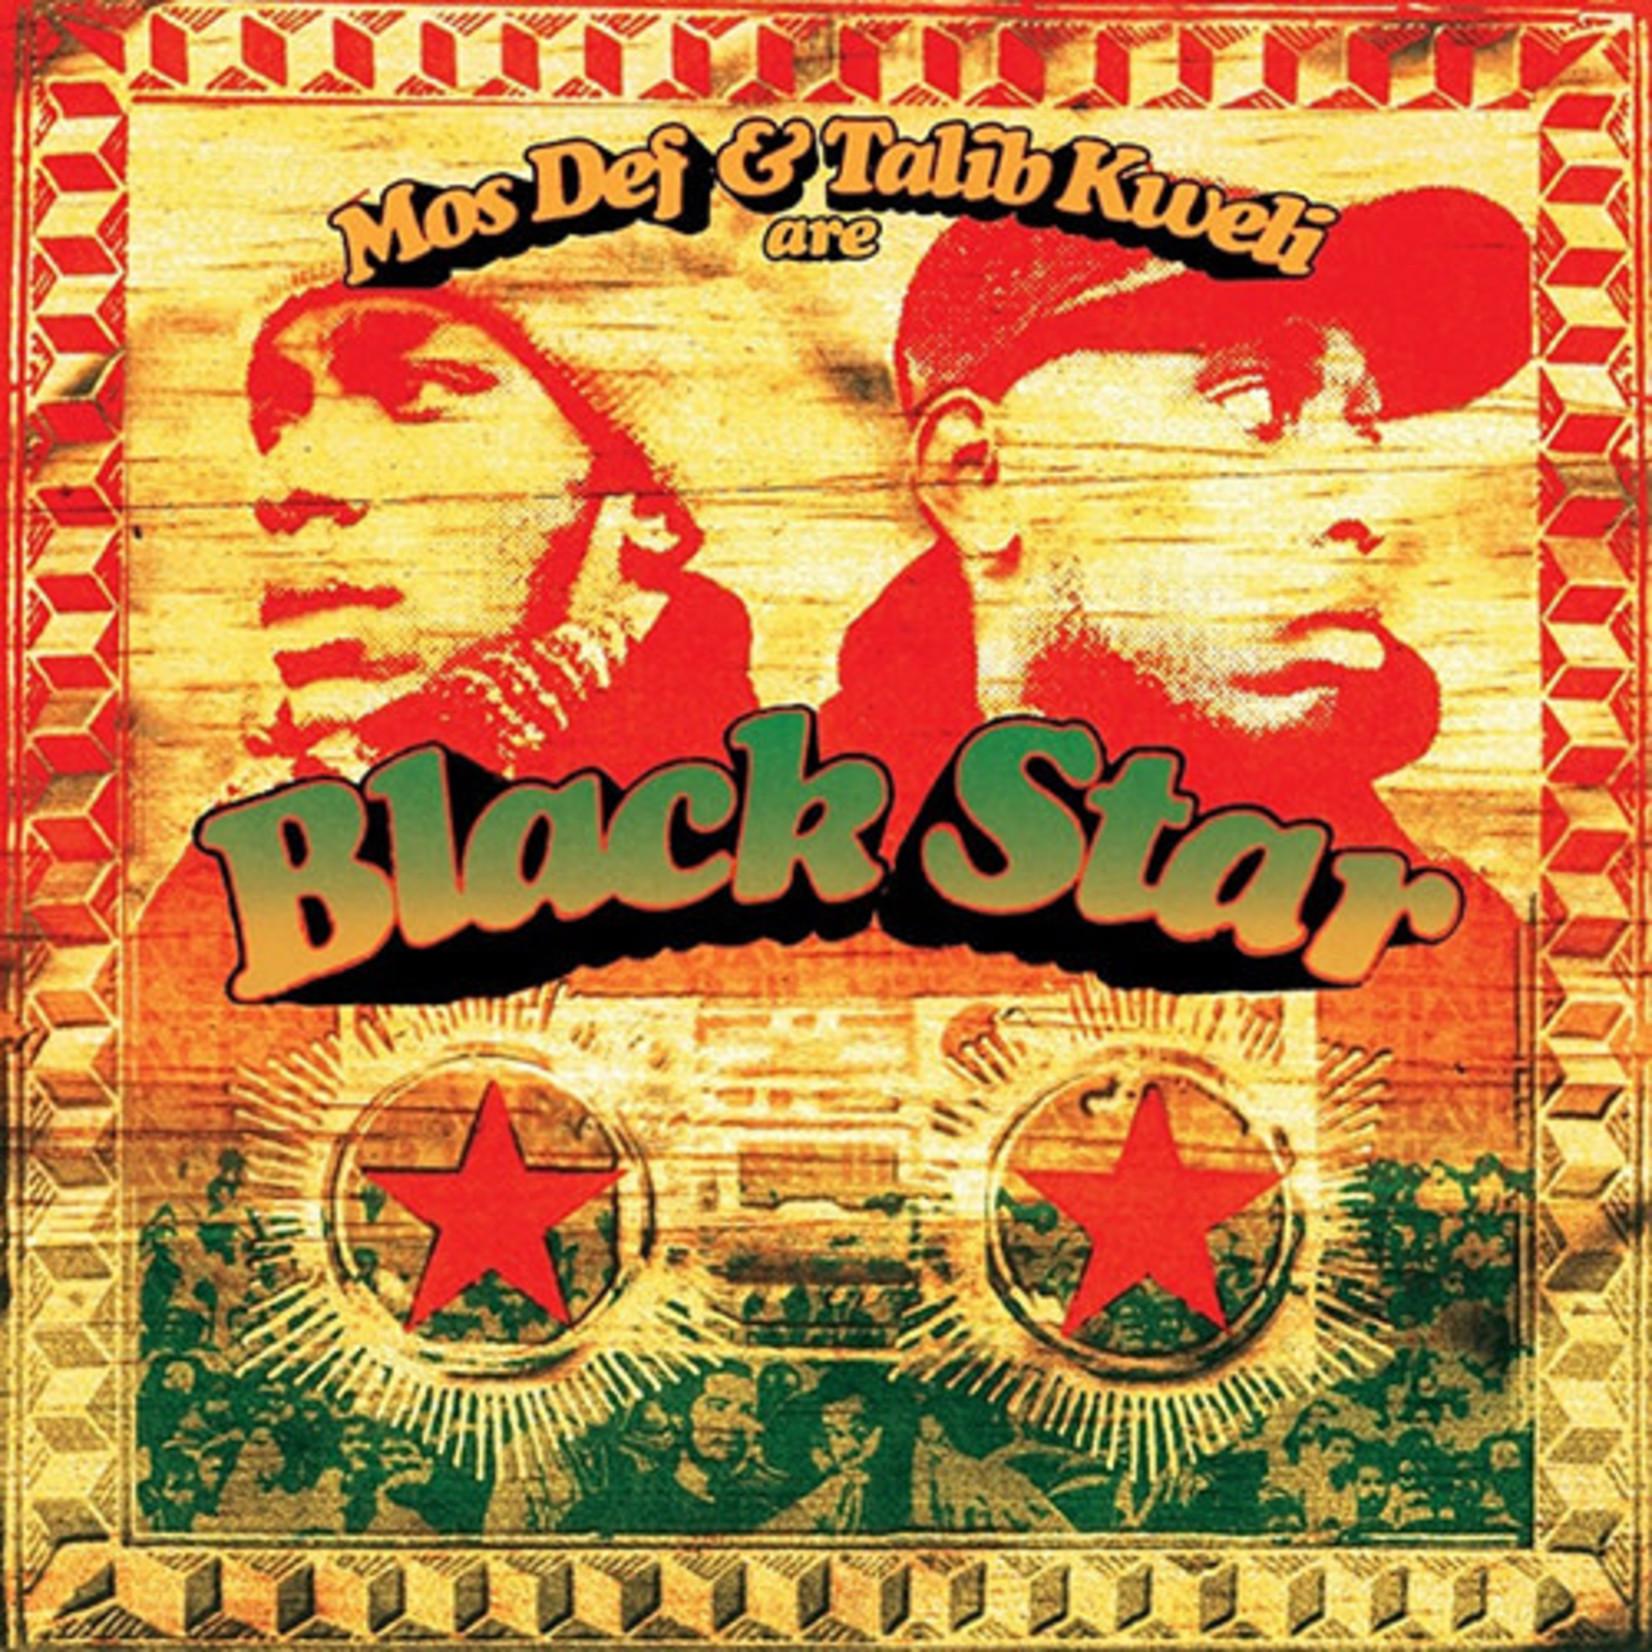 [New] Black Star: Mos Def And Talib Kweli (2LP)